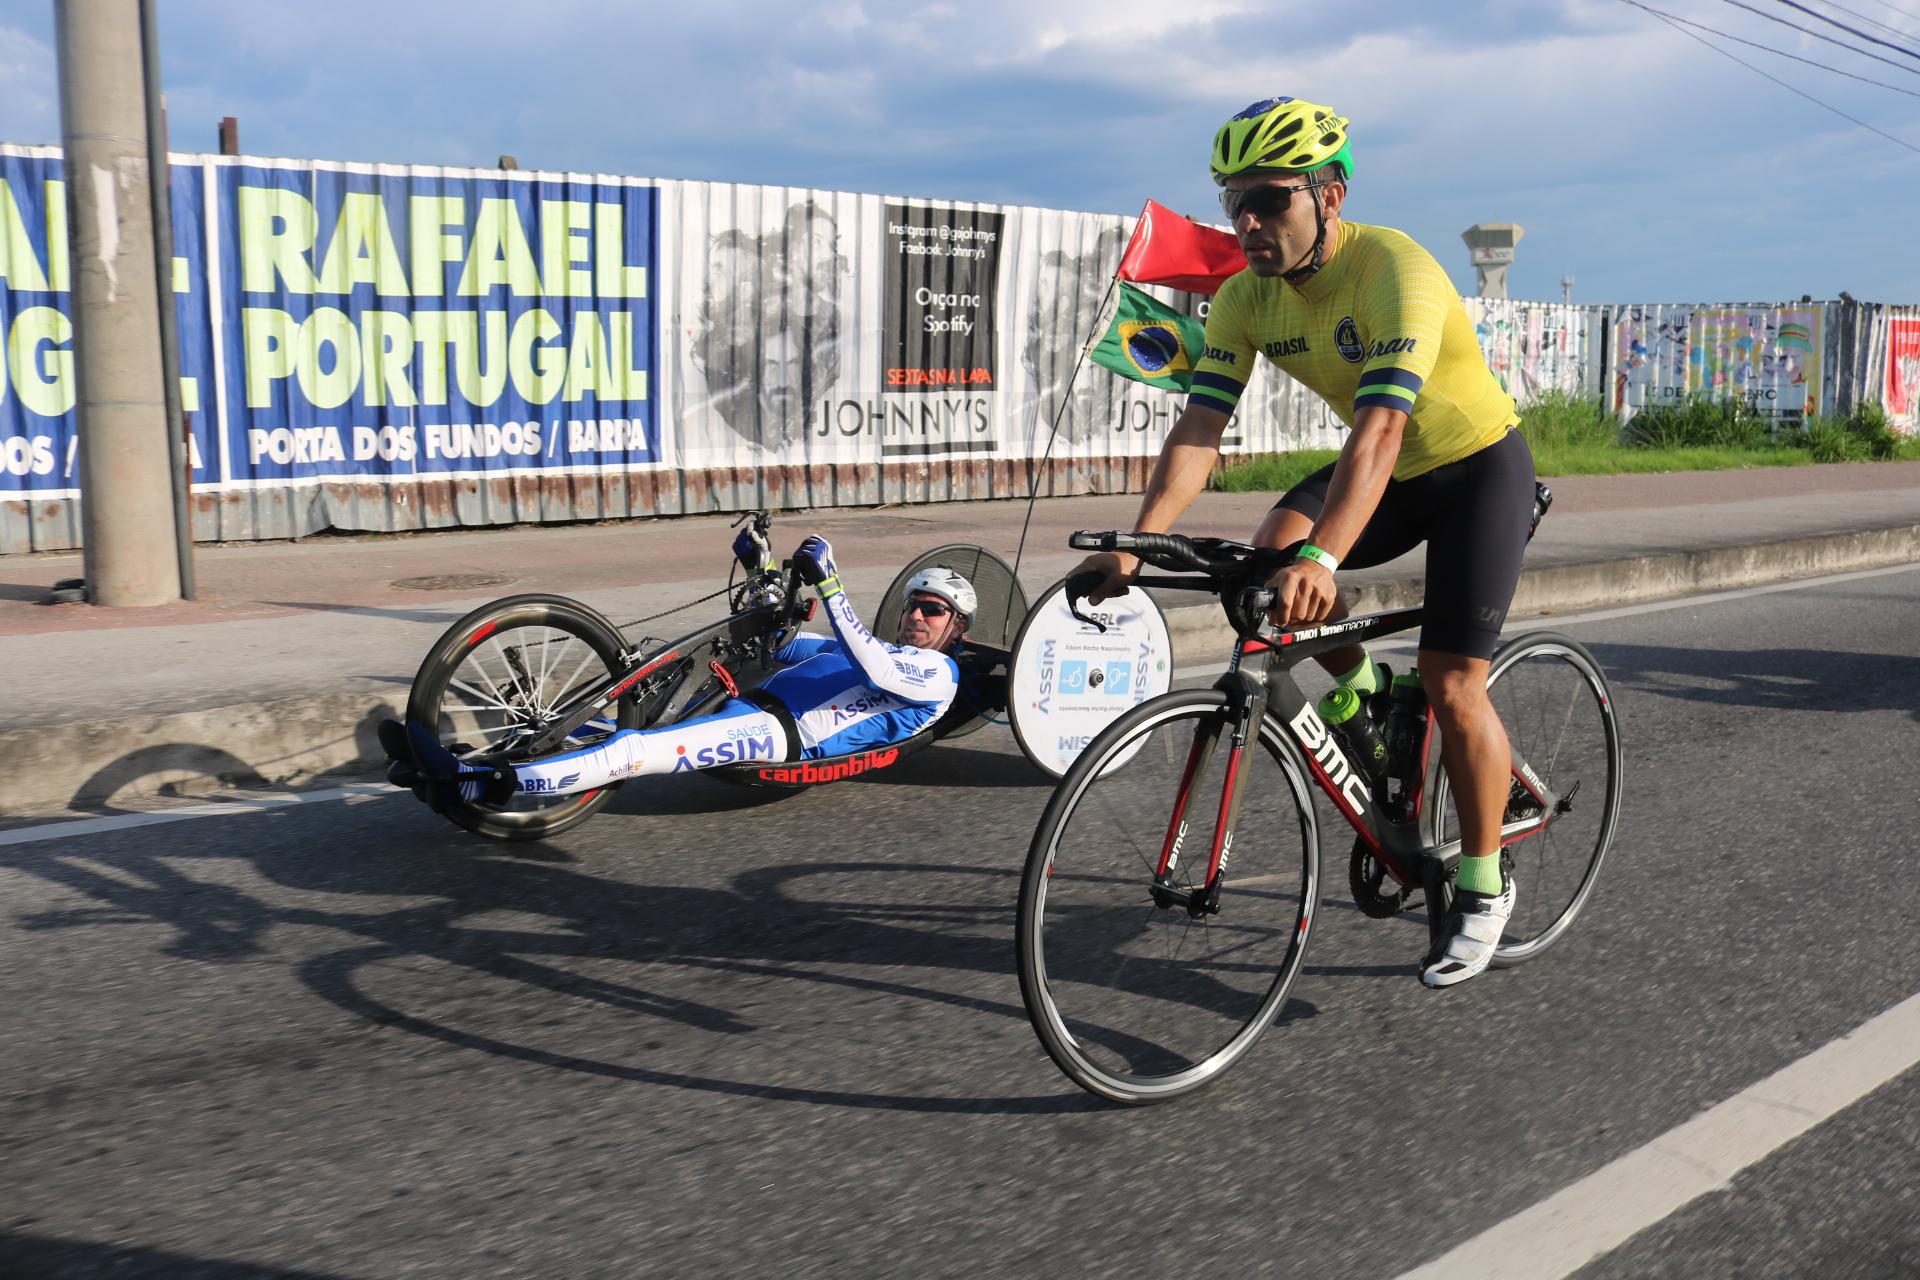 Ciclistas em ação